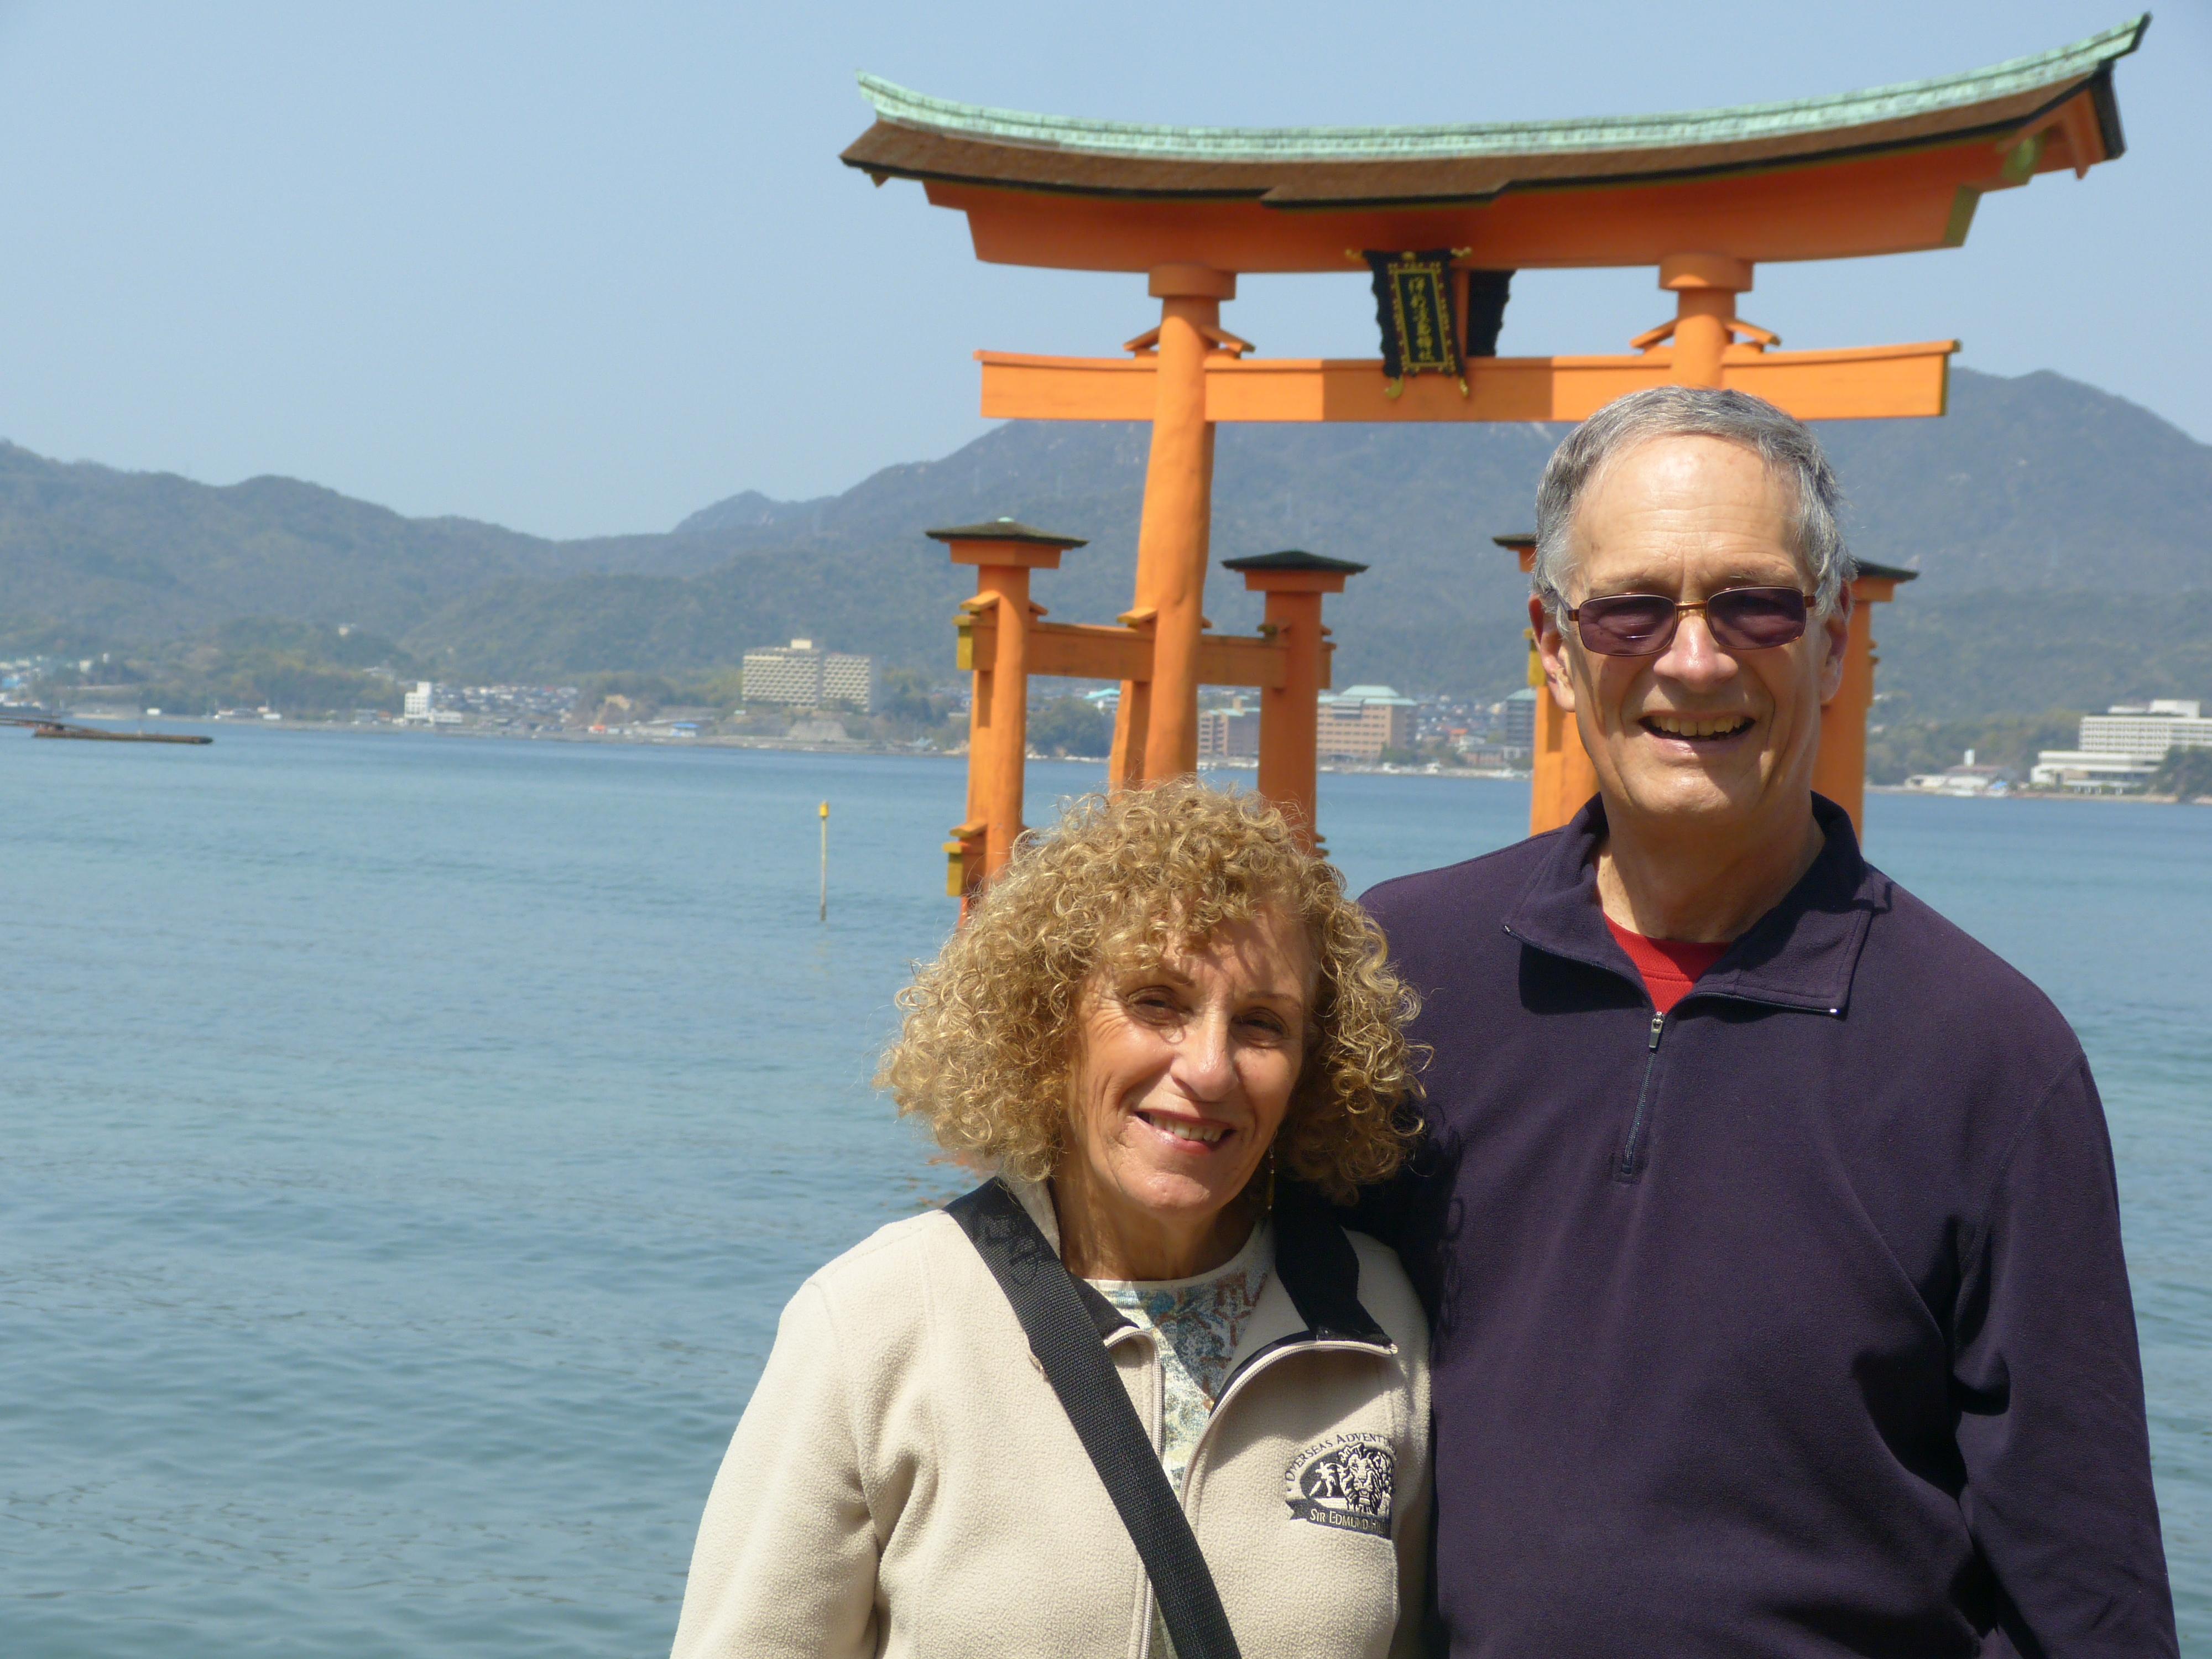 Miyajima, Itsukushima Shinto Shrine with Floating Torii Gate